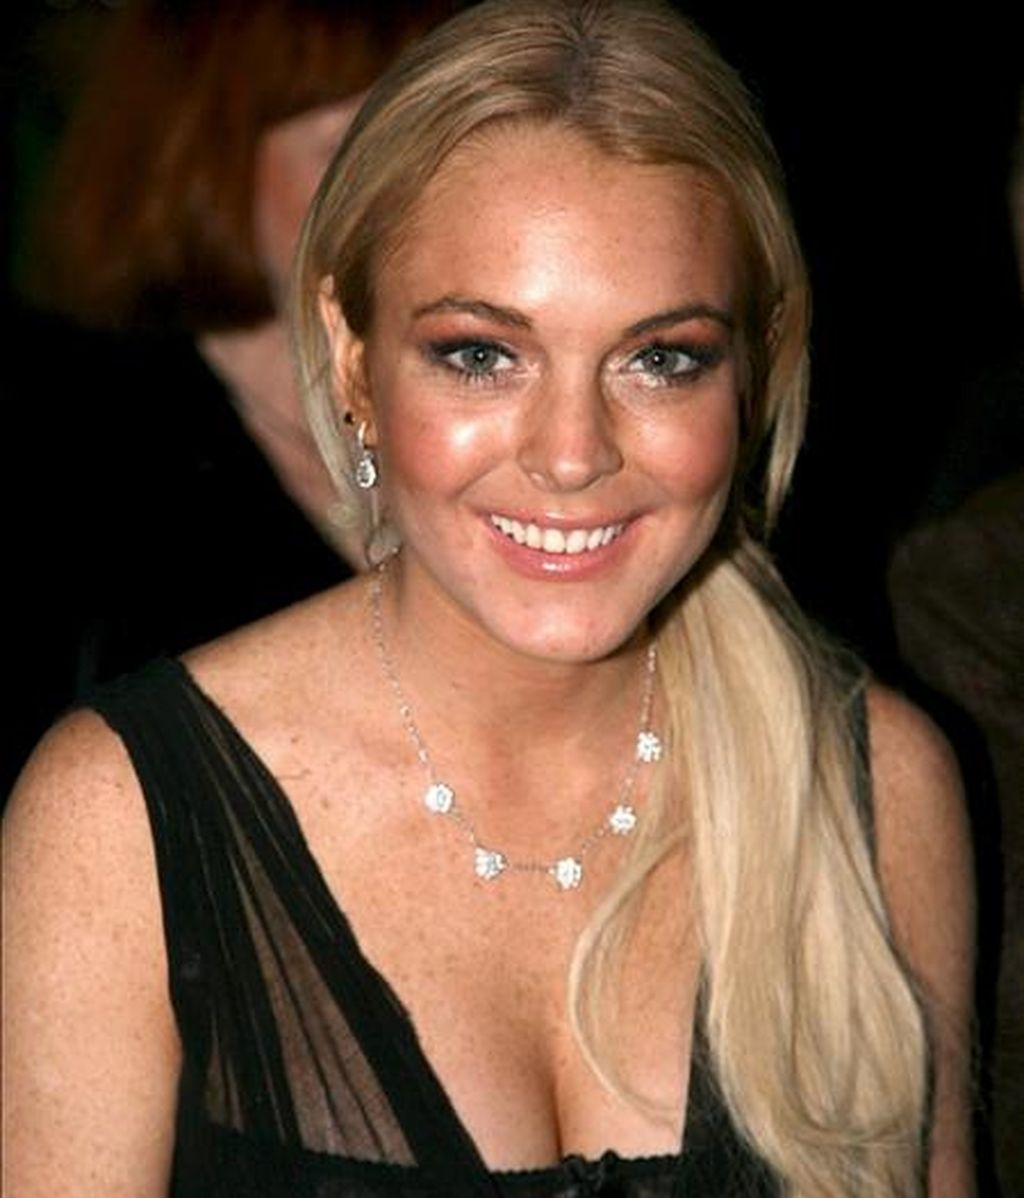 La actriz norteamericana Lindsay Lohan. EFE/Archivo